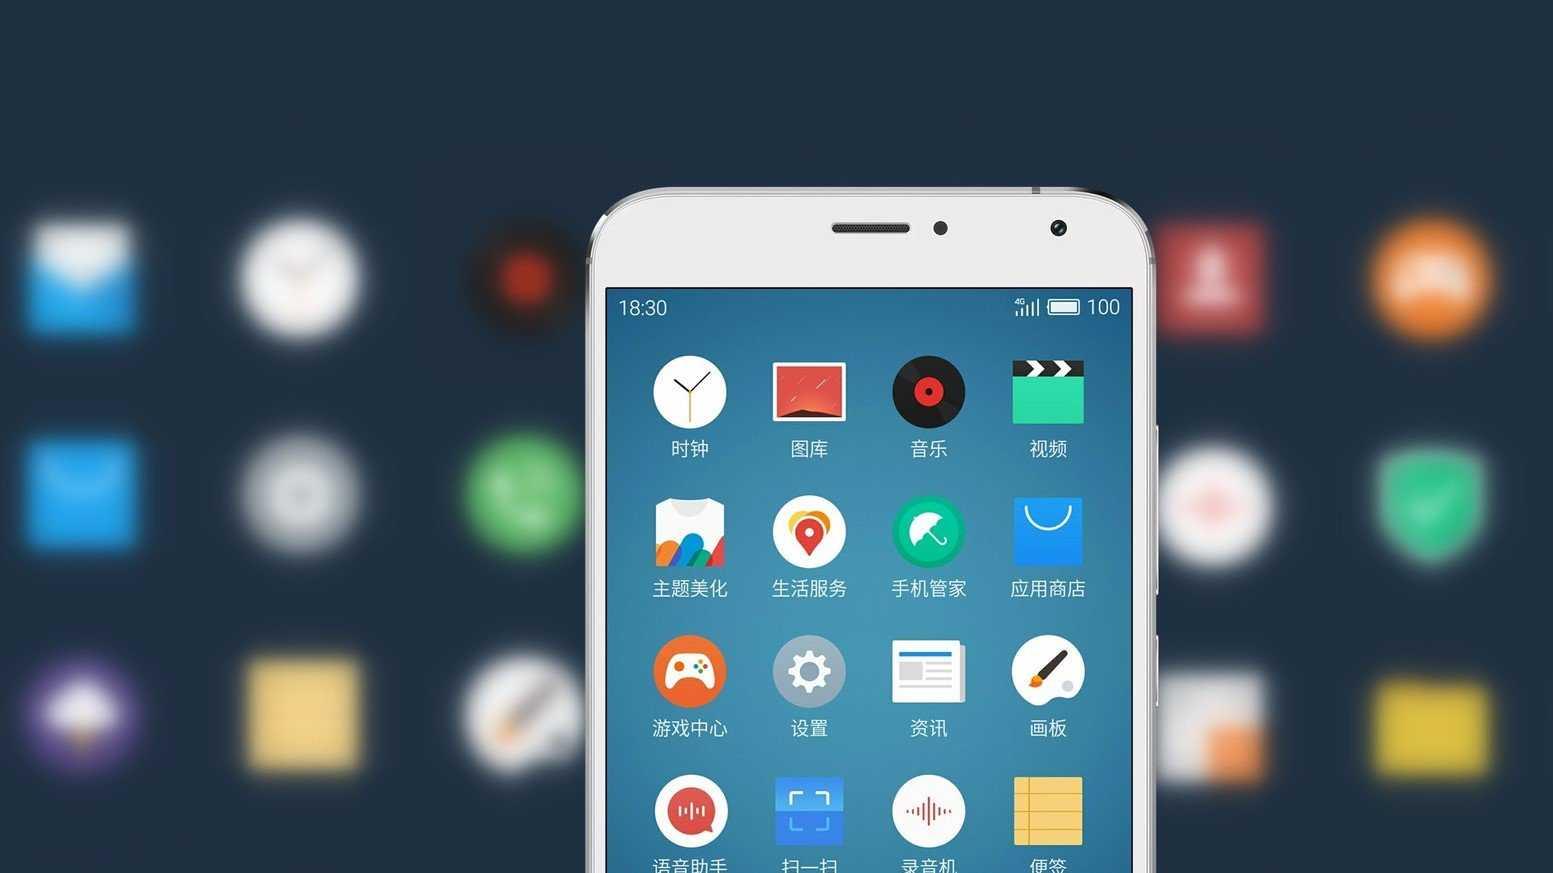 График выхода flyme os 8 на смартфоны meizu и обзор новых функций